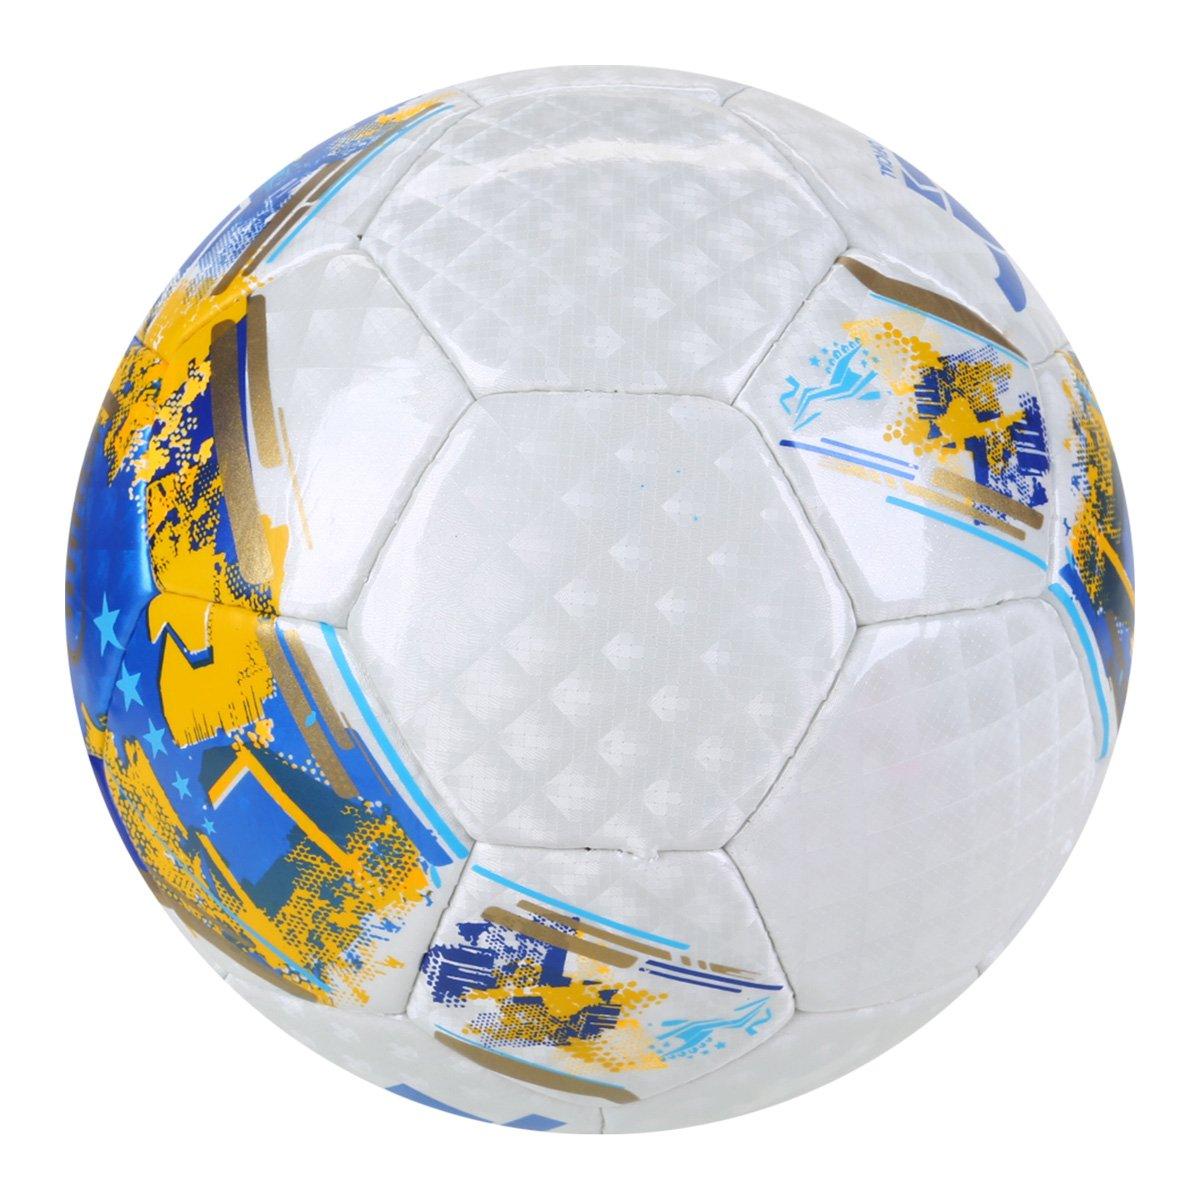 Bola de Futebol Campo Oficial Topper Asa Branca II Original